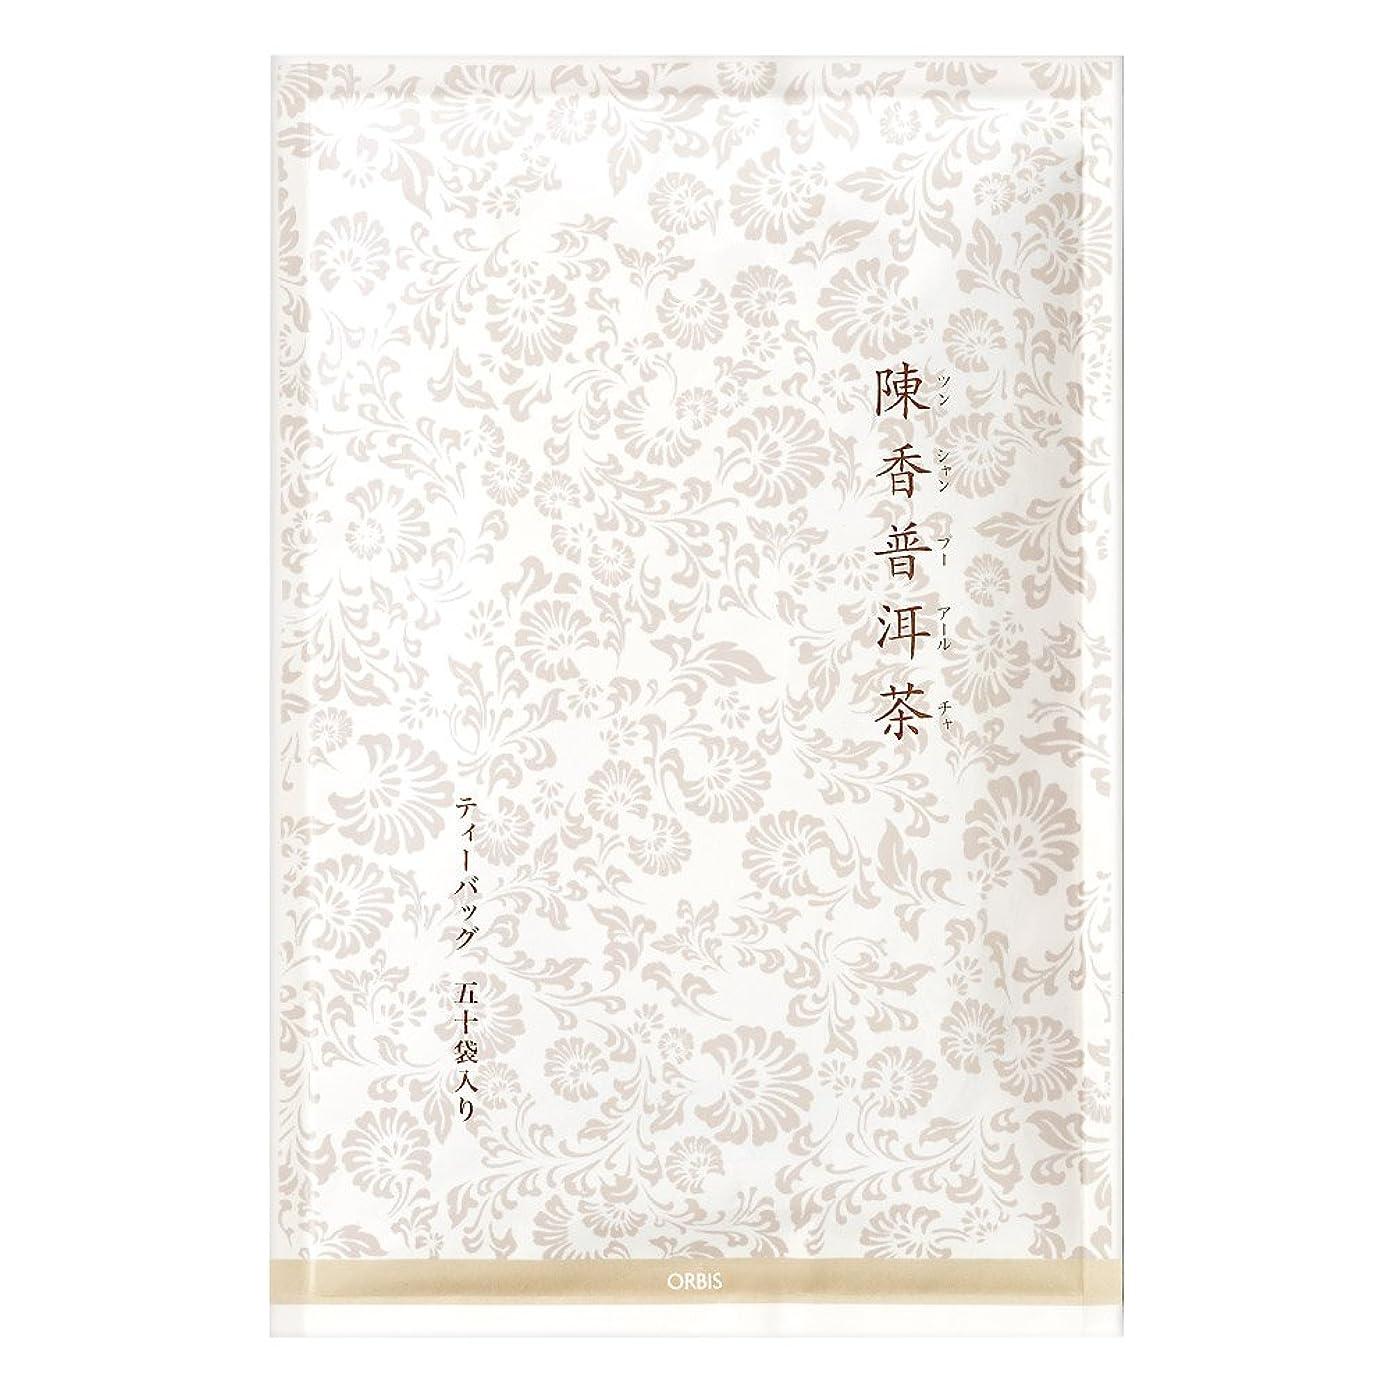 品実質的にルーチンオルビス(ORBIS) 陳香プーアール茶 ティーバッグ 徳用 2g×50袋 ◎ダイエット茶◎ 0kcal